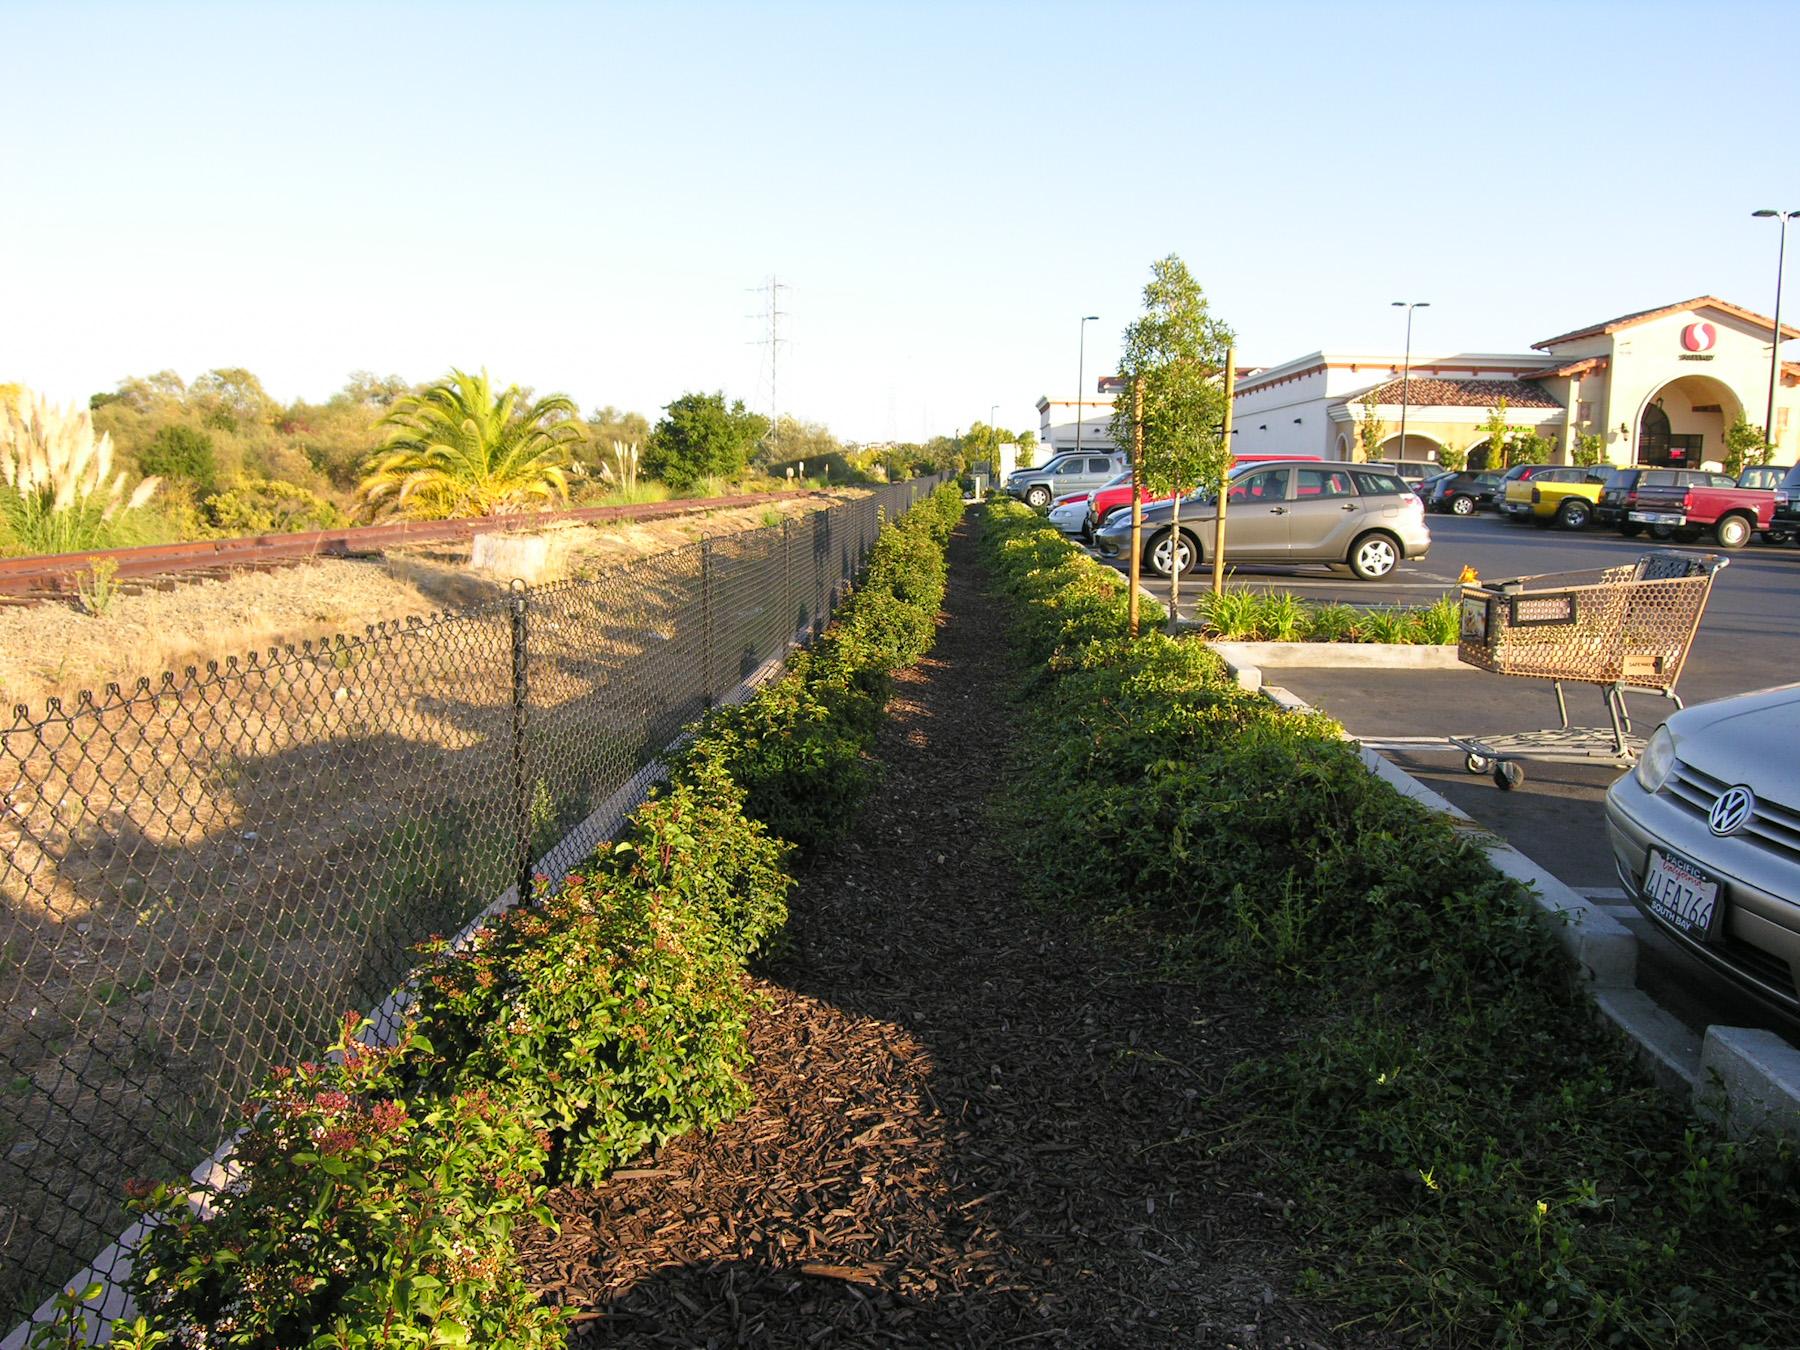 Hamilton Marketplace bioretention areas and curb cuts